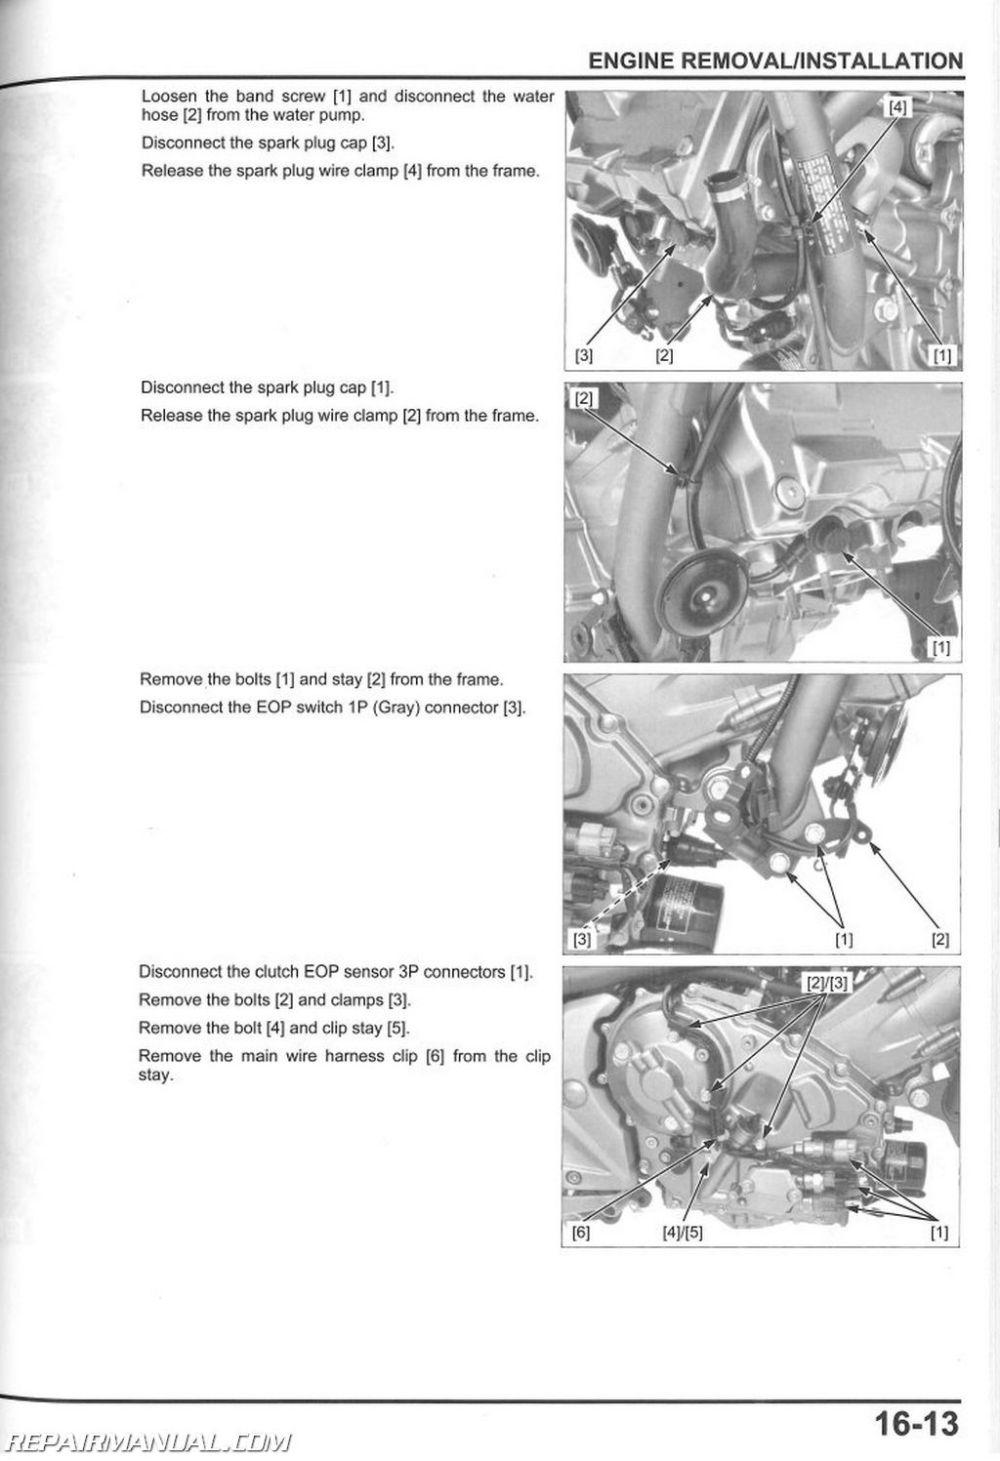 medium resolution of 2015 honda cr v engine wiring diagram